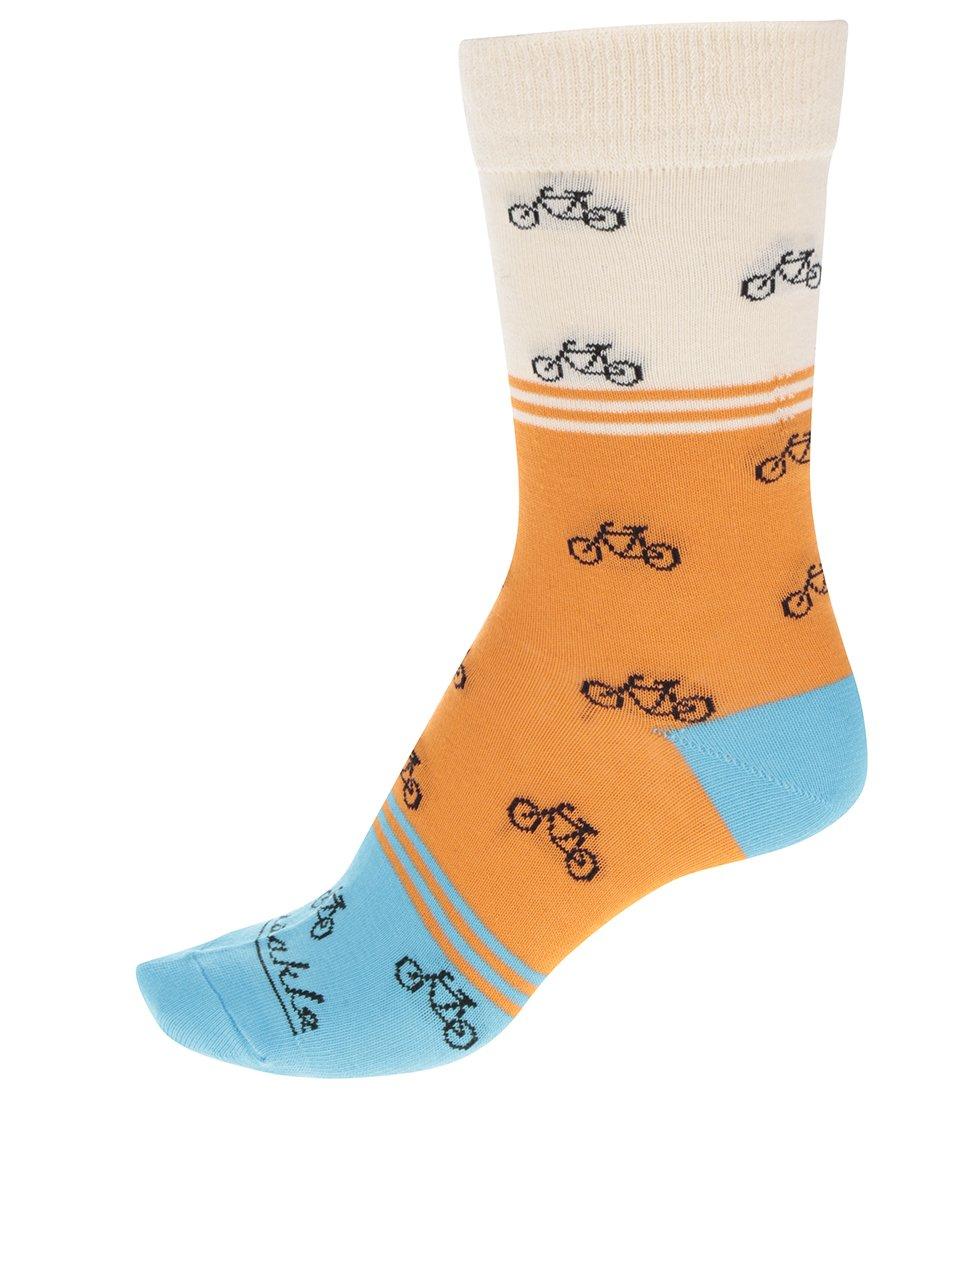 Oranžovo-modré dámské ponožky s motivem kol Fusakle Cyklista veselý